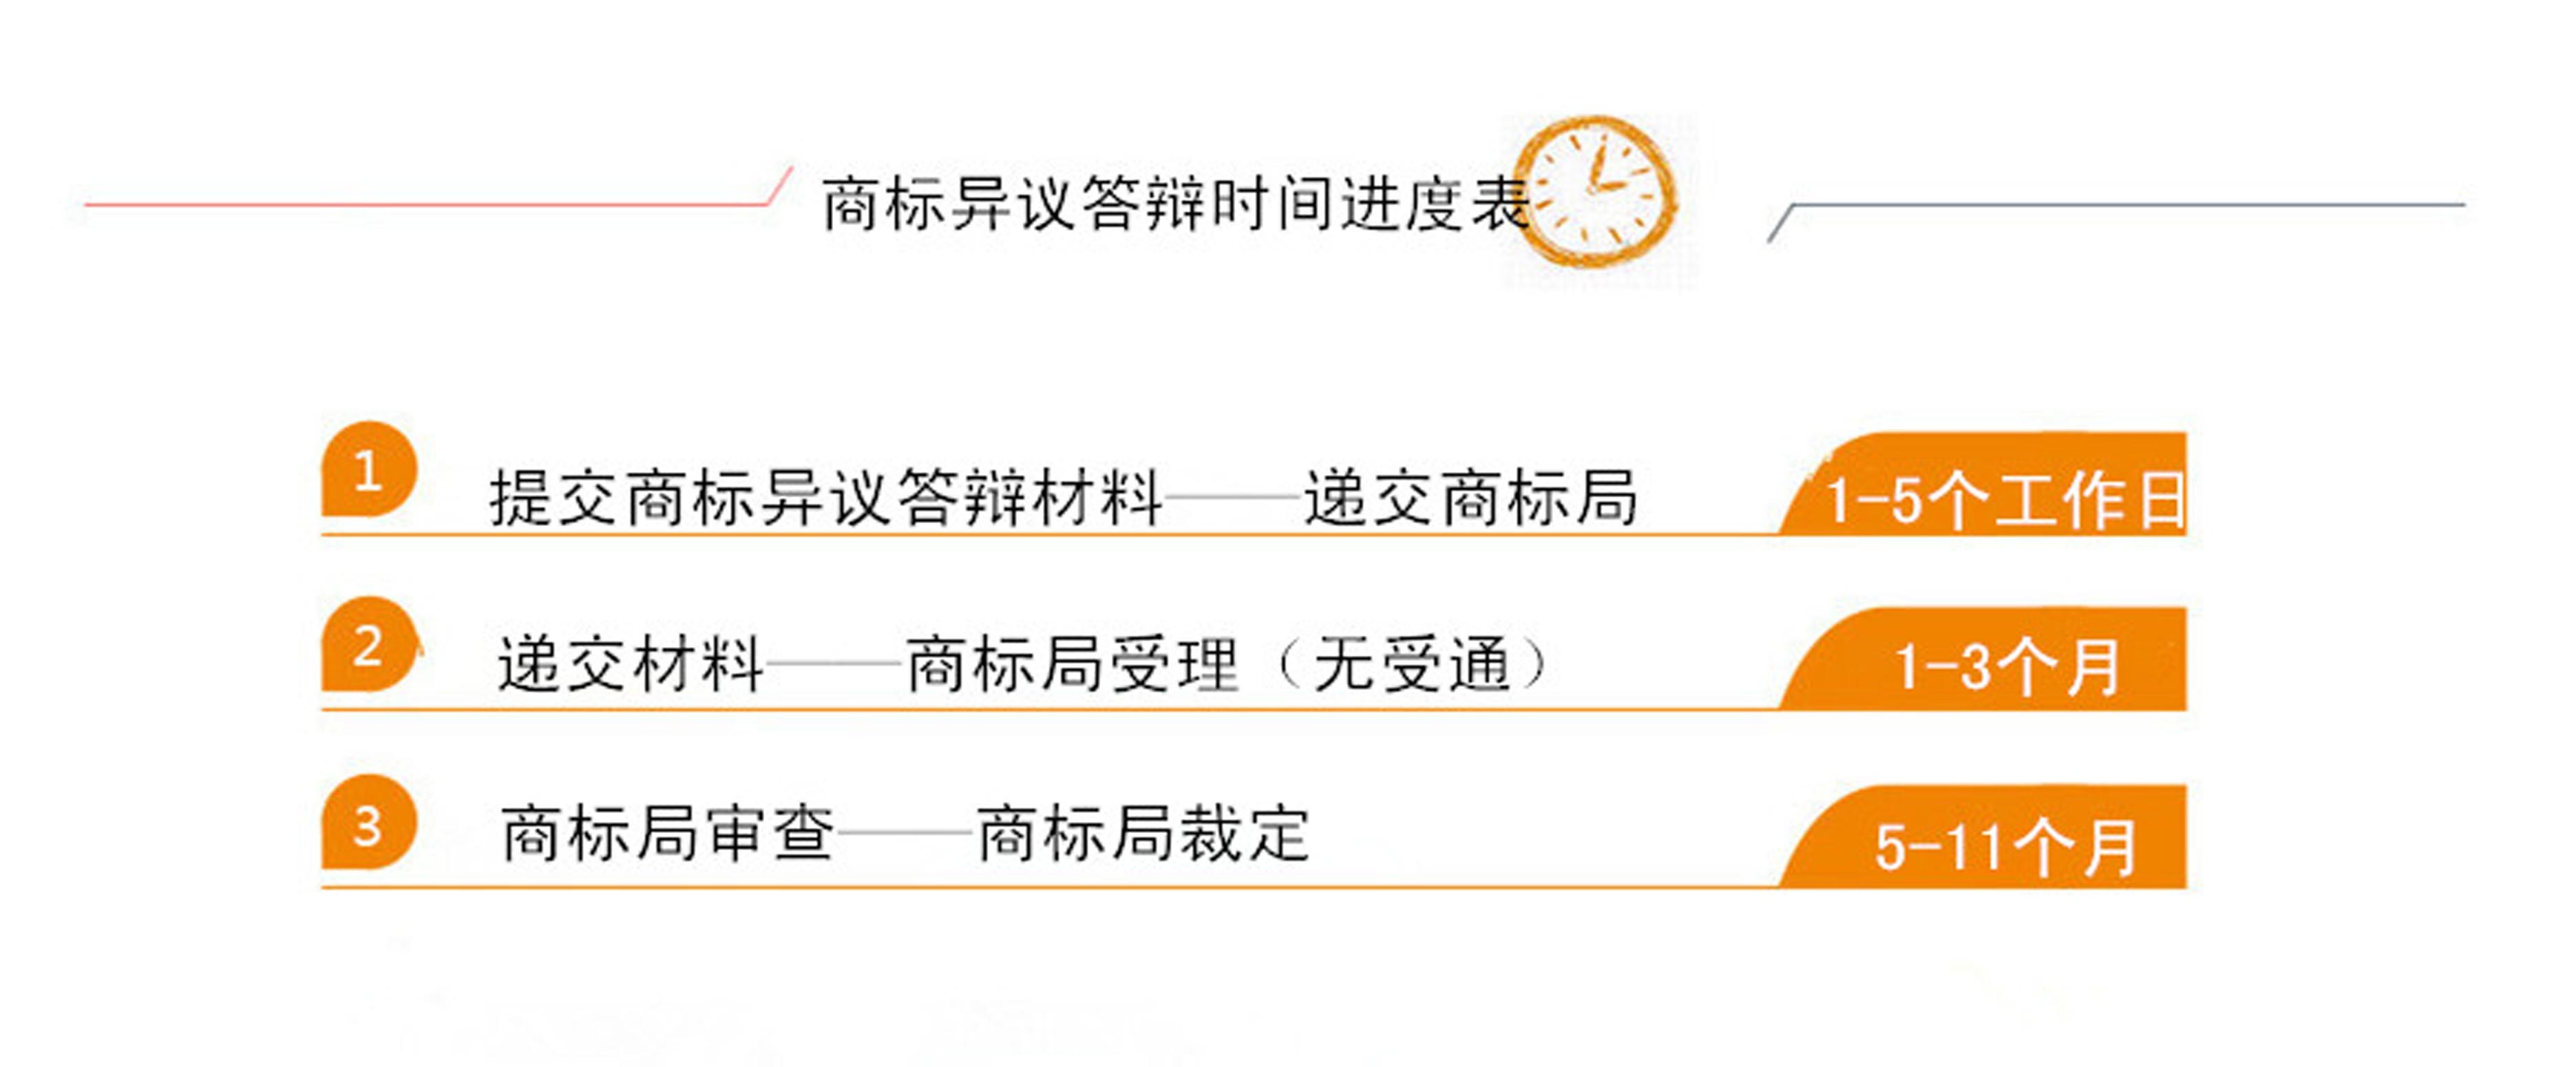 商标异议答辩时间表